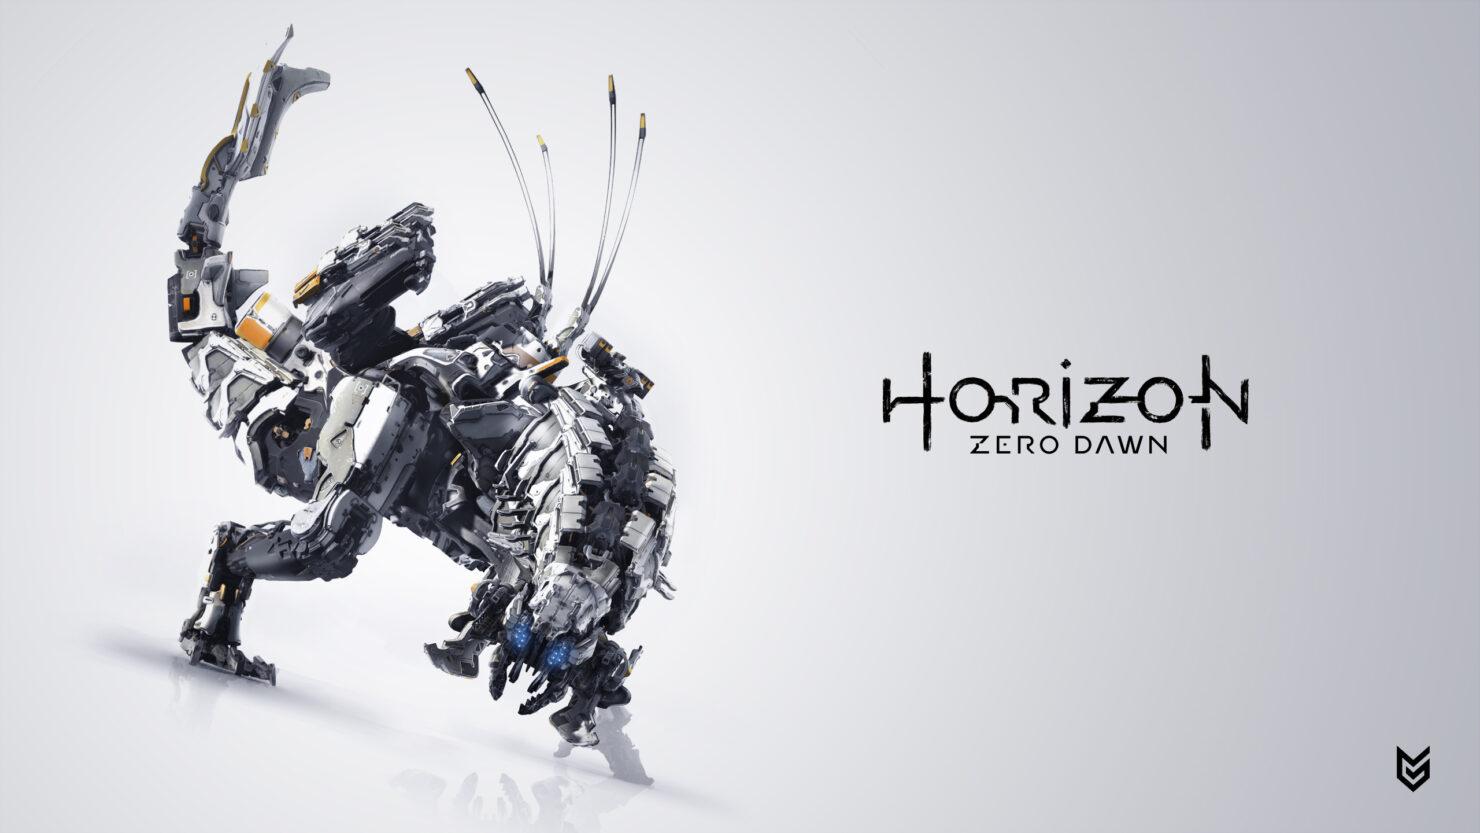 horizonzerodawn_03_2560x1440